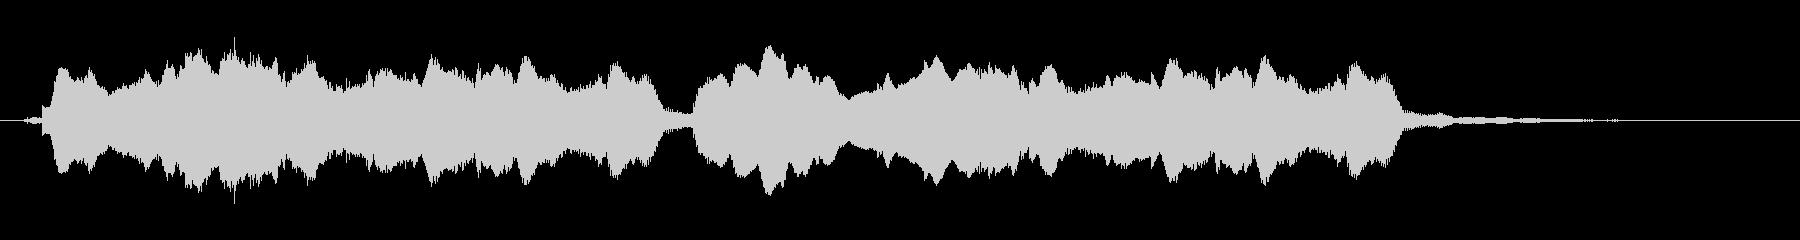 フルートによる、ほのぼの可愛いジングルの未再生の波形